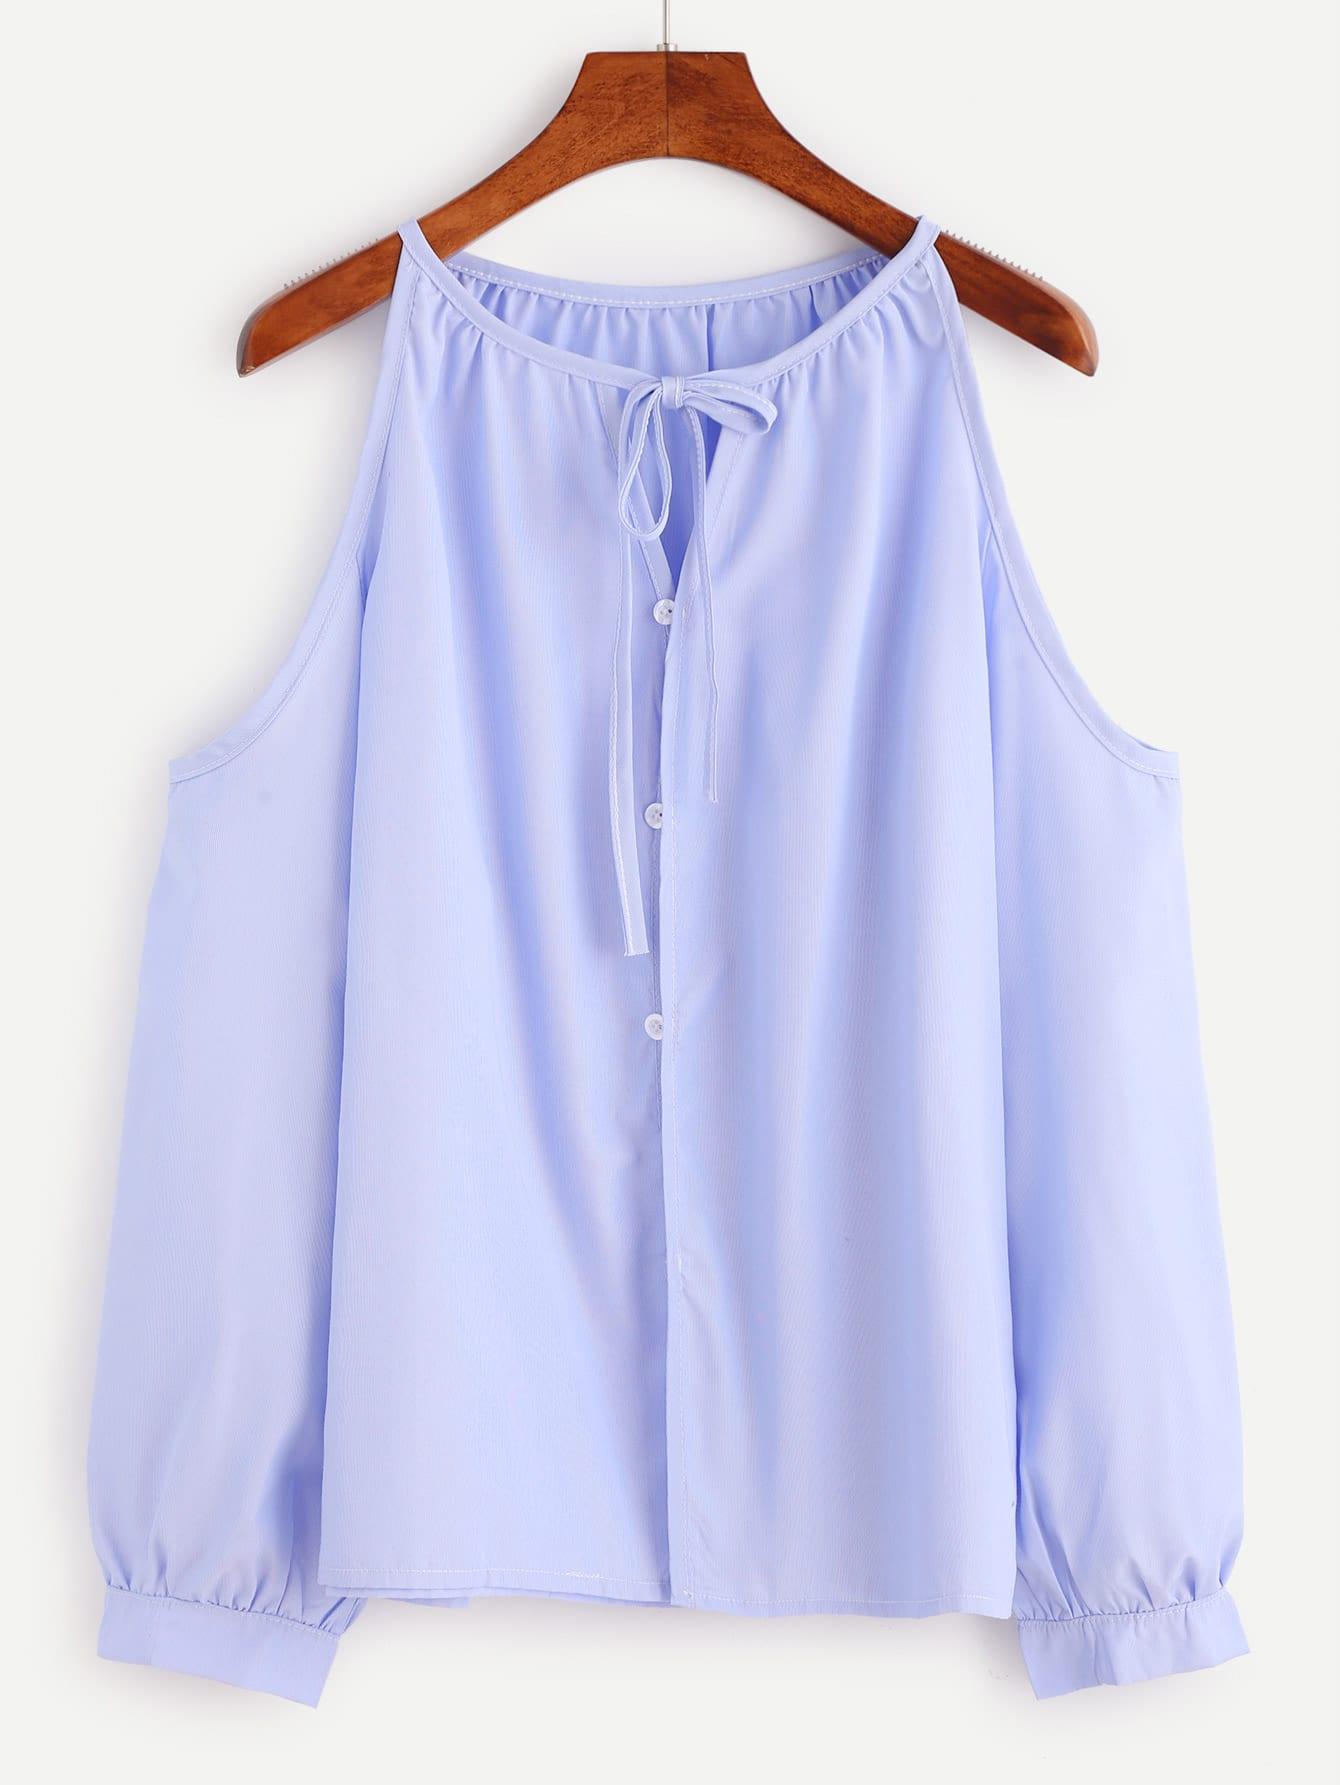 Blue Cold Shoulder Tie Neck Button TopBlue Cold Shoulder Tie Neck Button Top<br><br>color: Blue<br>size: L,M,S,XL